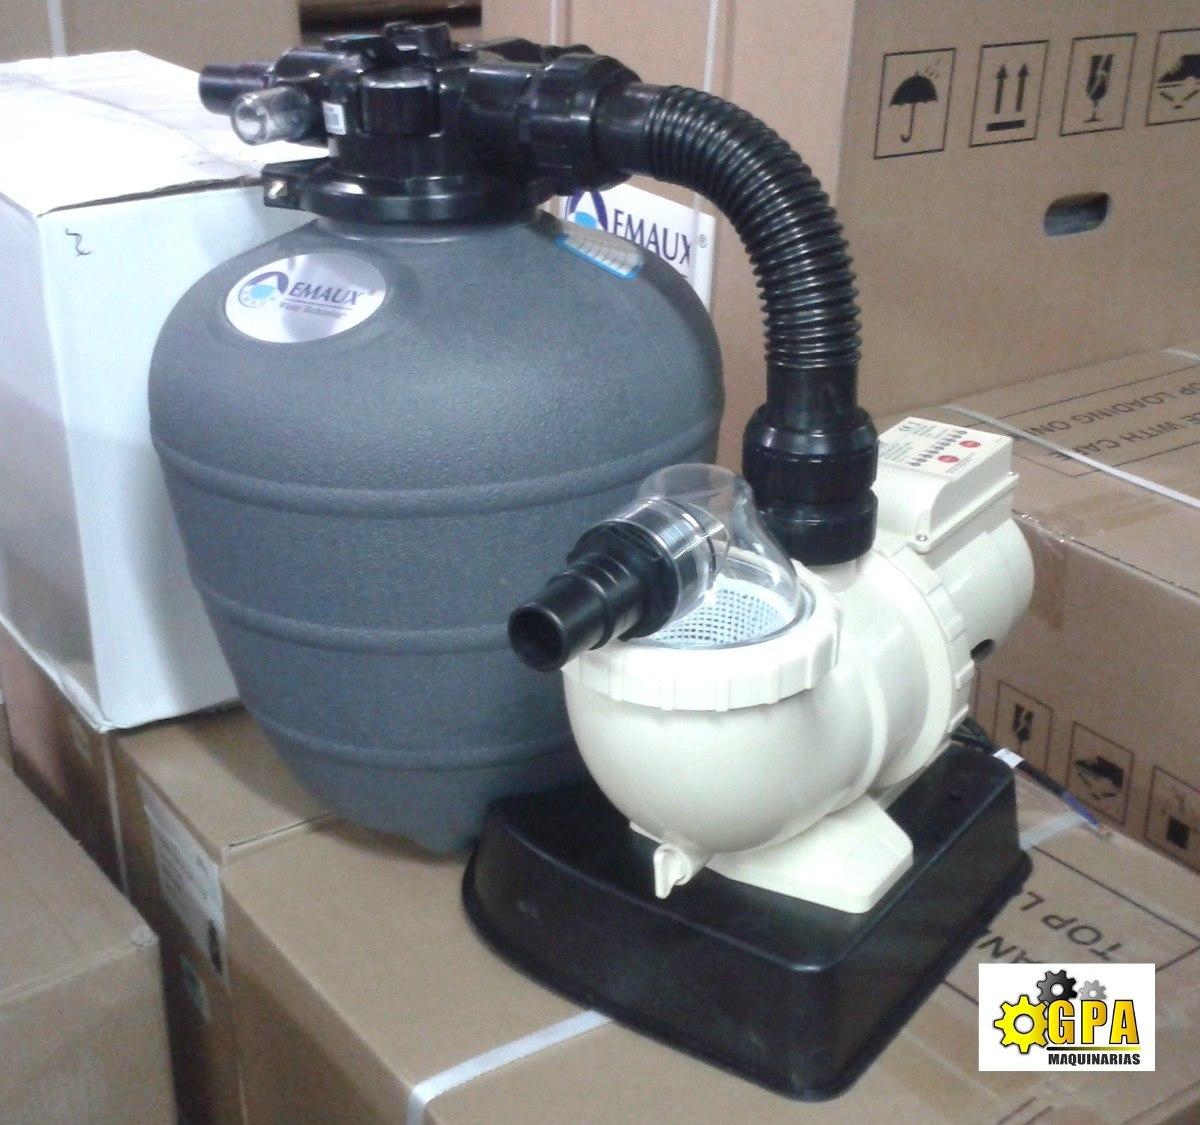 Bomba filtro piscina armable con timer g p a maquinarias for Filtros de agua para piscinas